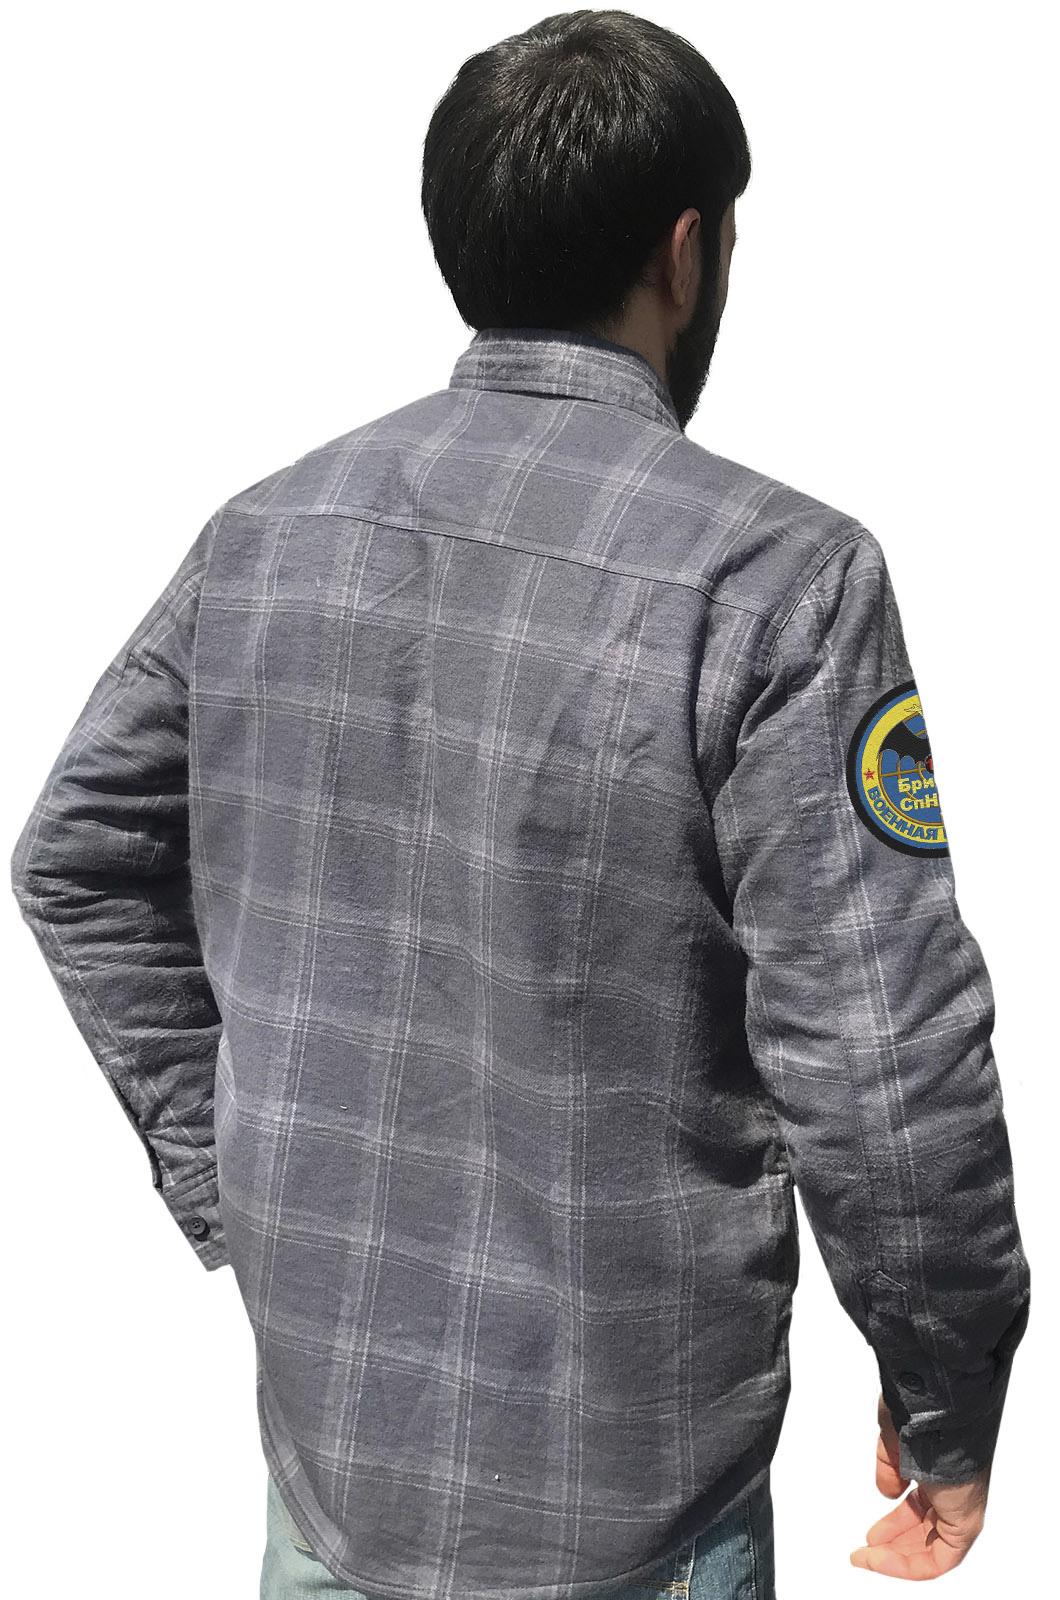 Серая рубашка с нашивкой  ГРУ 12 бригада СпН заказать с доставкой и самовывозом